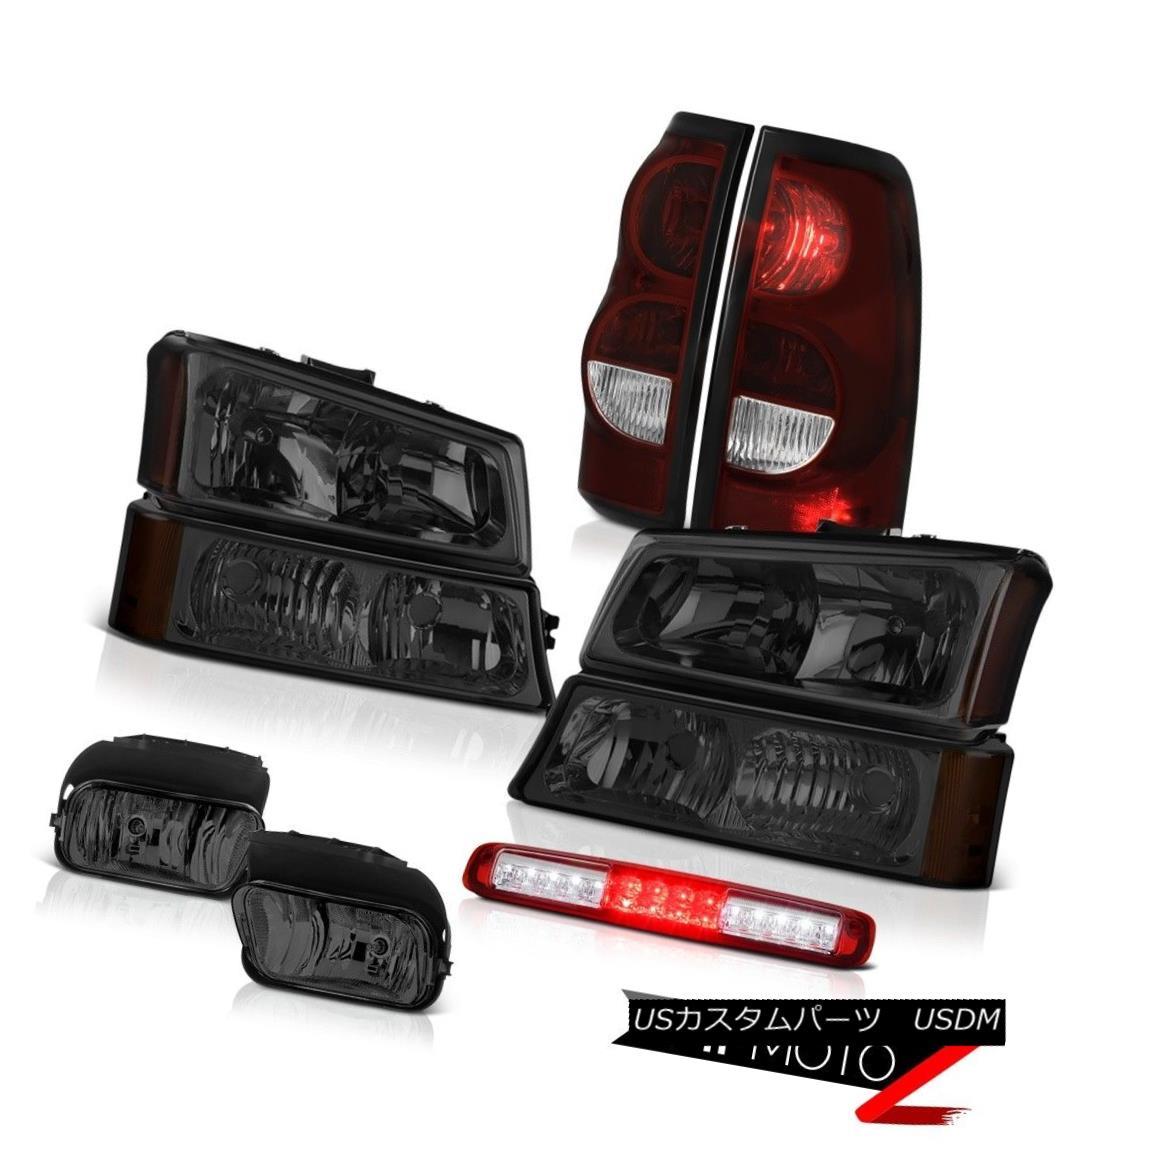 テールライト 03-06 Silverado 2500Hd Wine Red Roof Cab Lamp Fog Lamps Taillights Headlights 03-06 Silverado 2500Hdワインレッド・ルーフ・キャブ・ランプフォグ・ランプ・テールライト・ヘッドライト